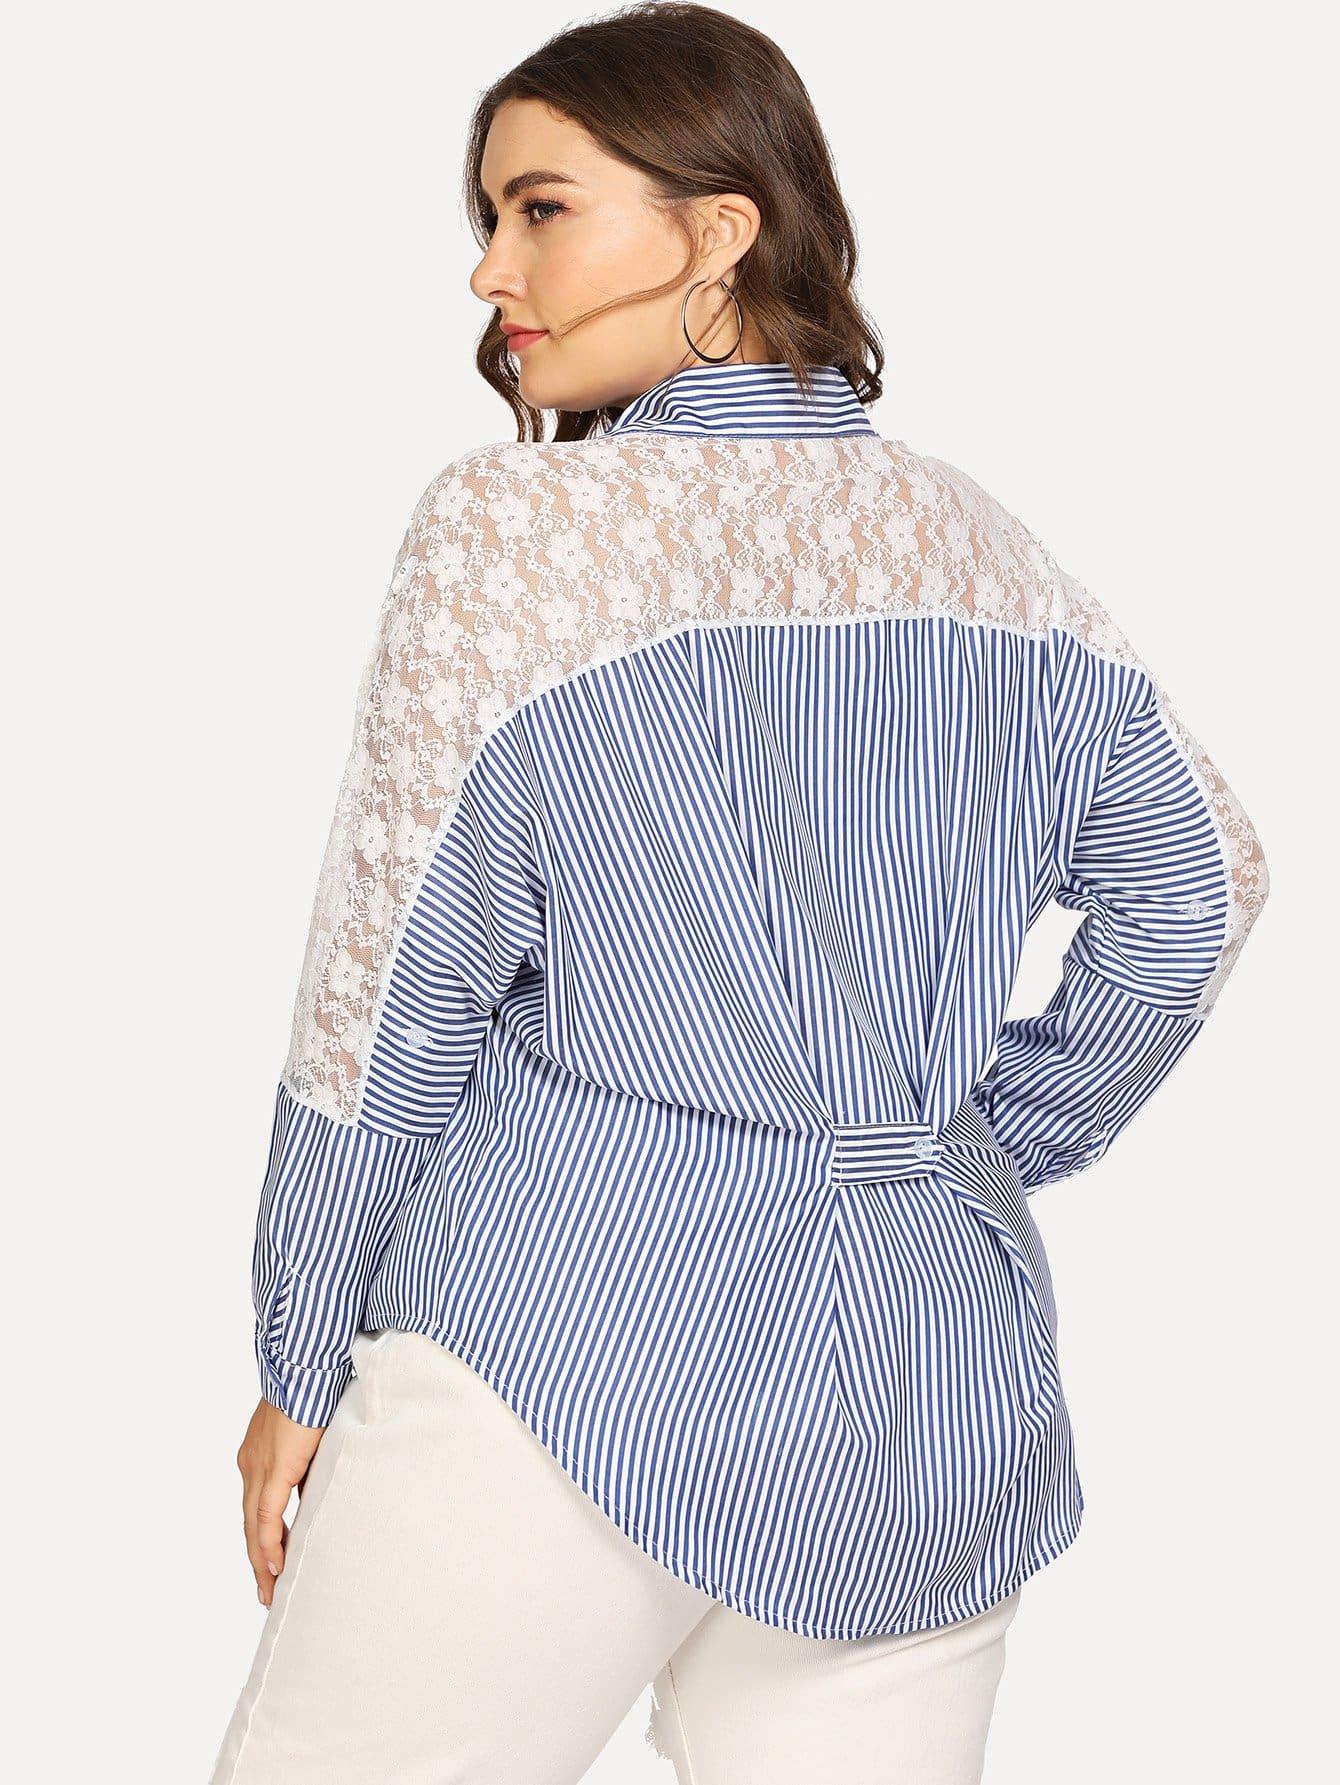 Plus Contrast Lace Striped Blouse